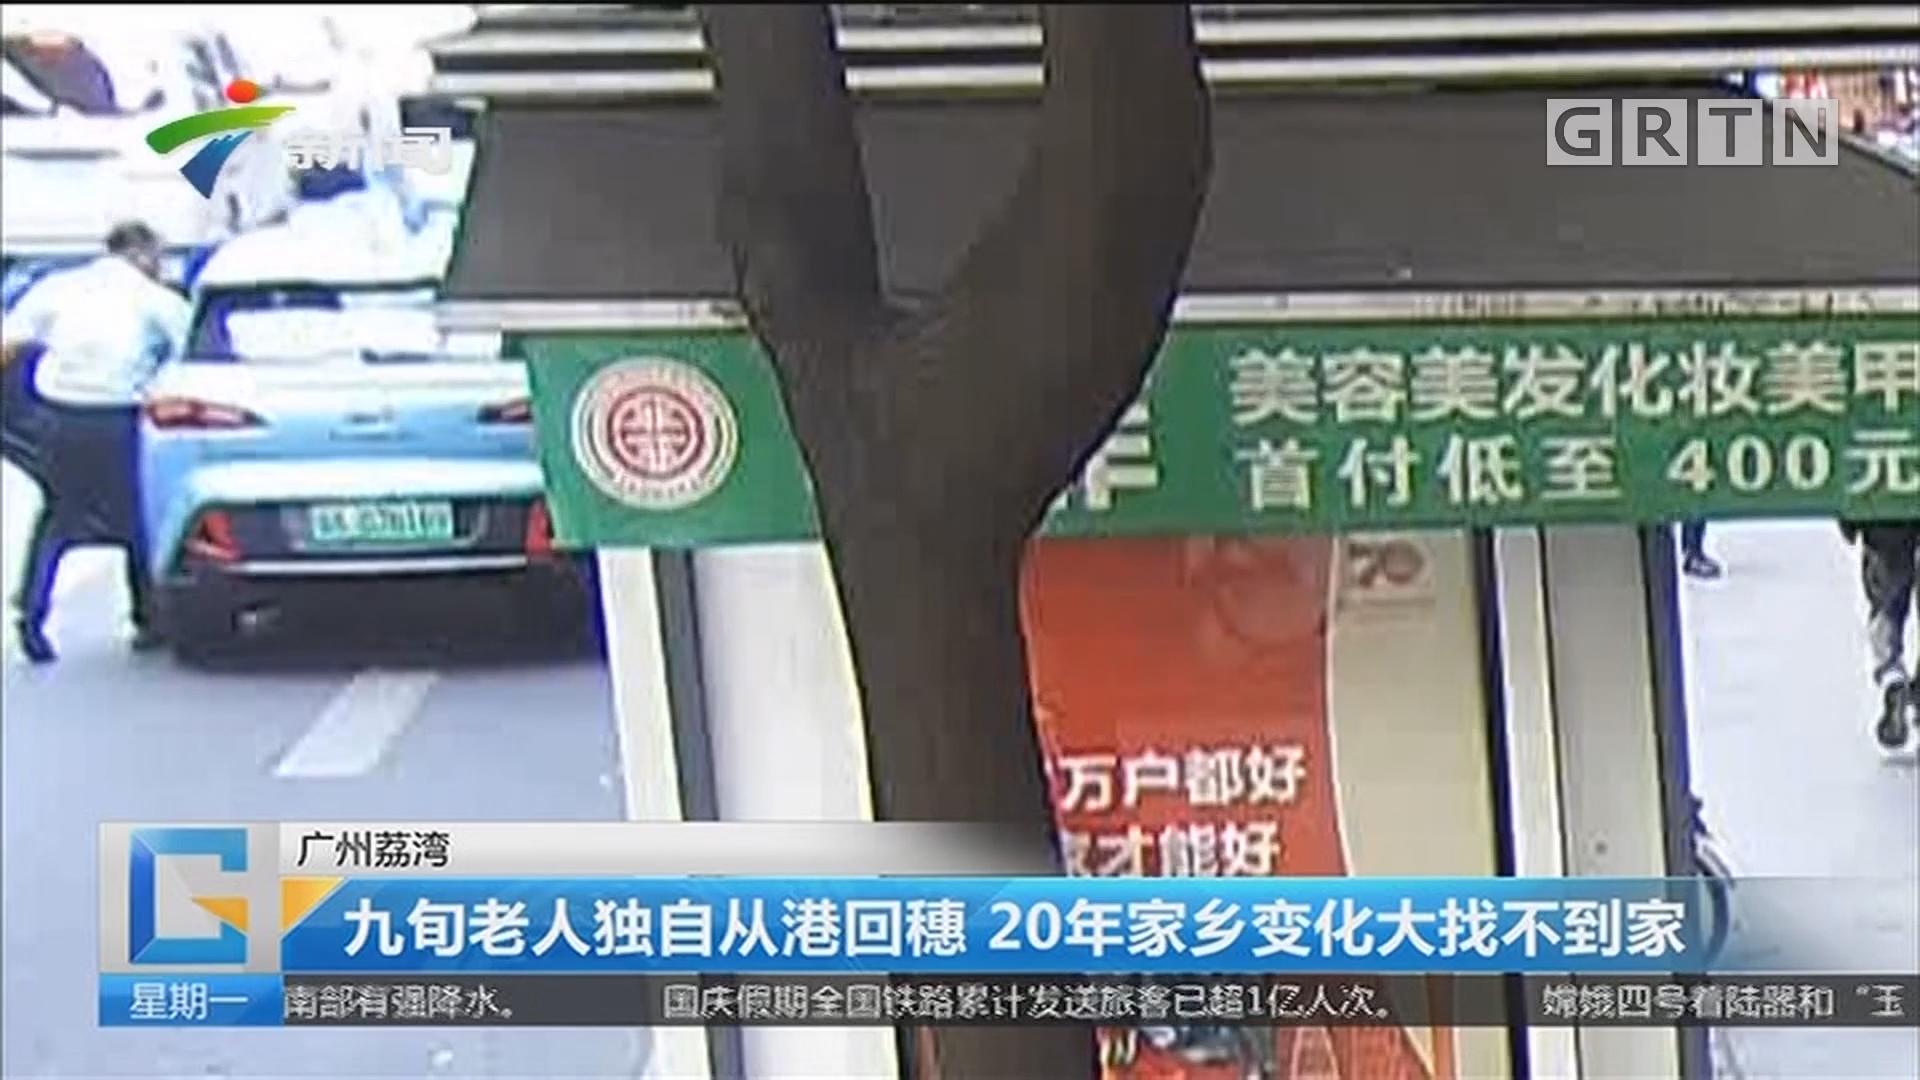 广州荔湾:九旬老人独自从港回穗 20年家乡变化大找不到家